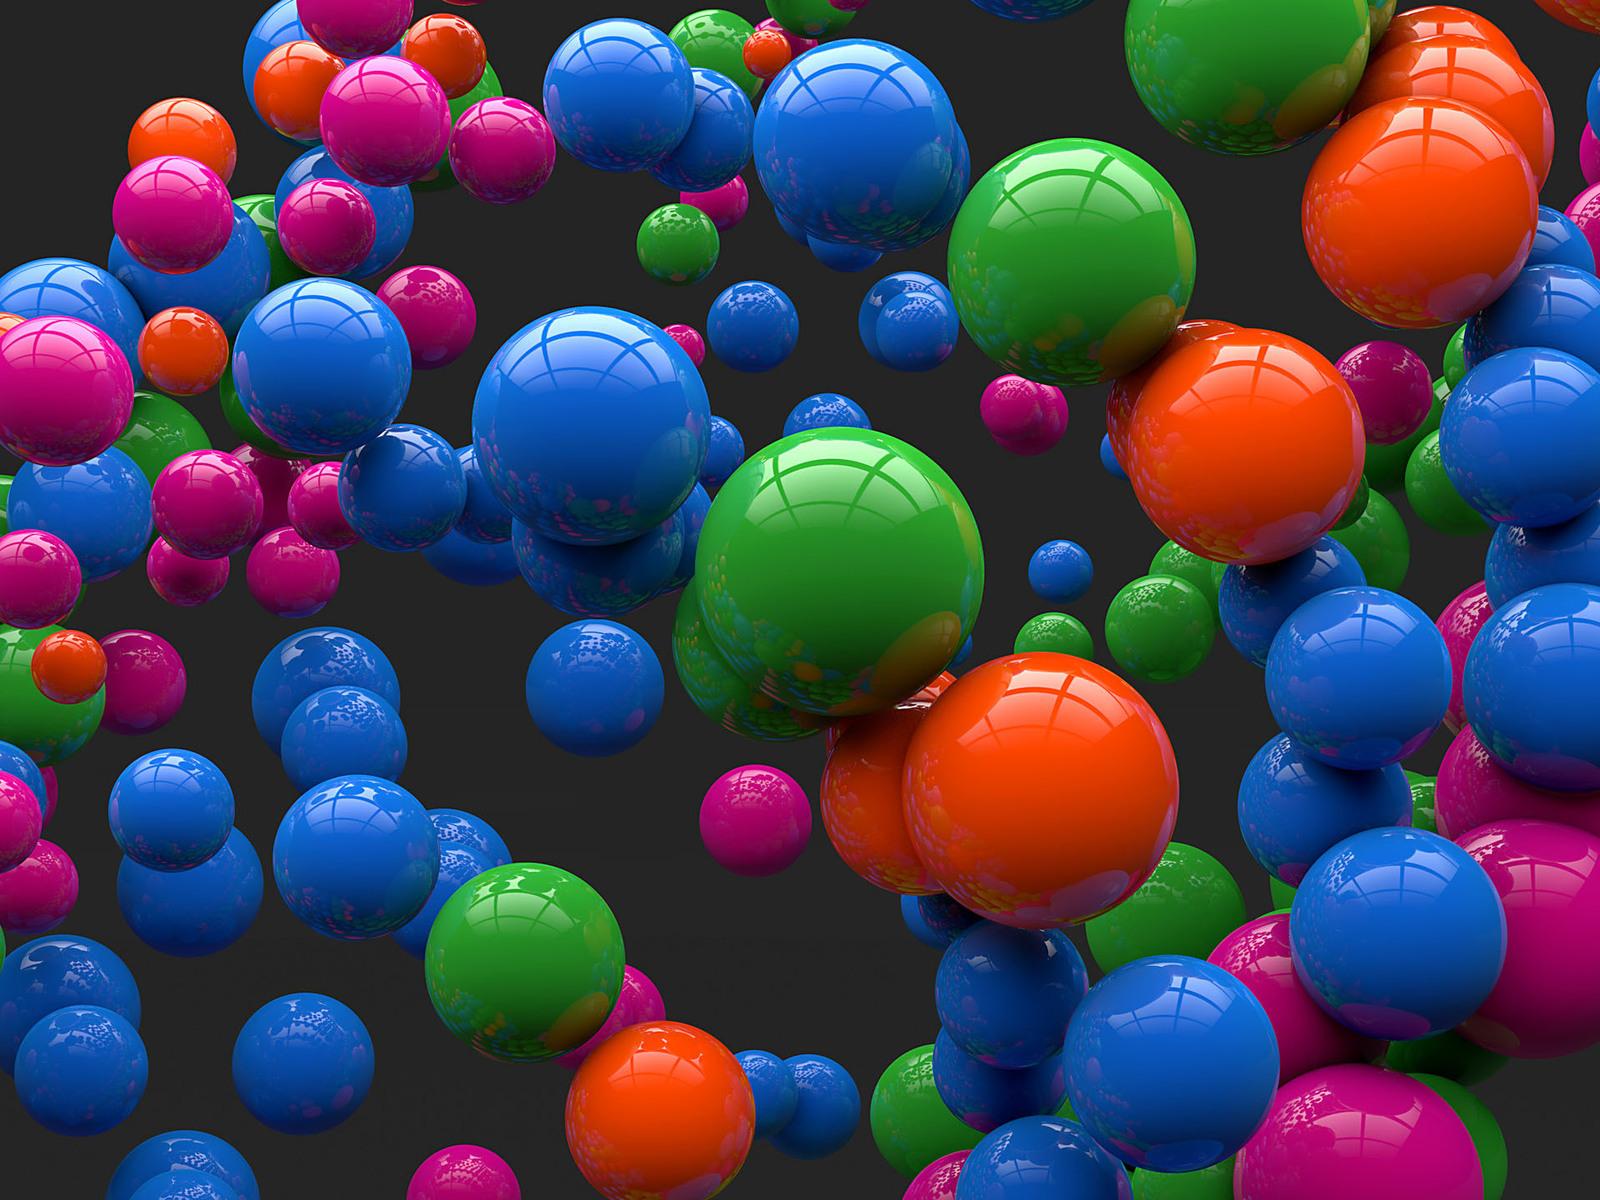 3D Colorful Reflecting Balls HD Desktop Wallpaper 1600x1200